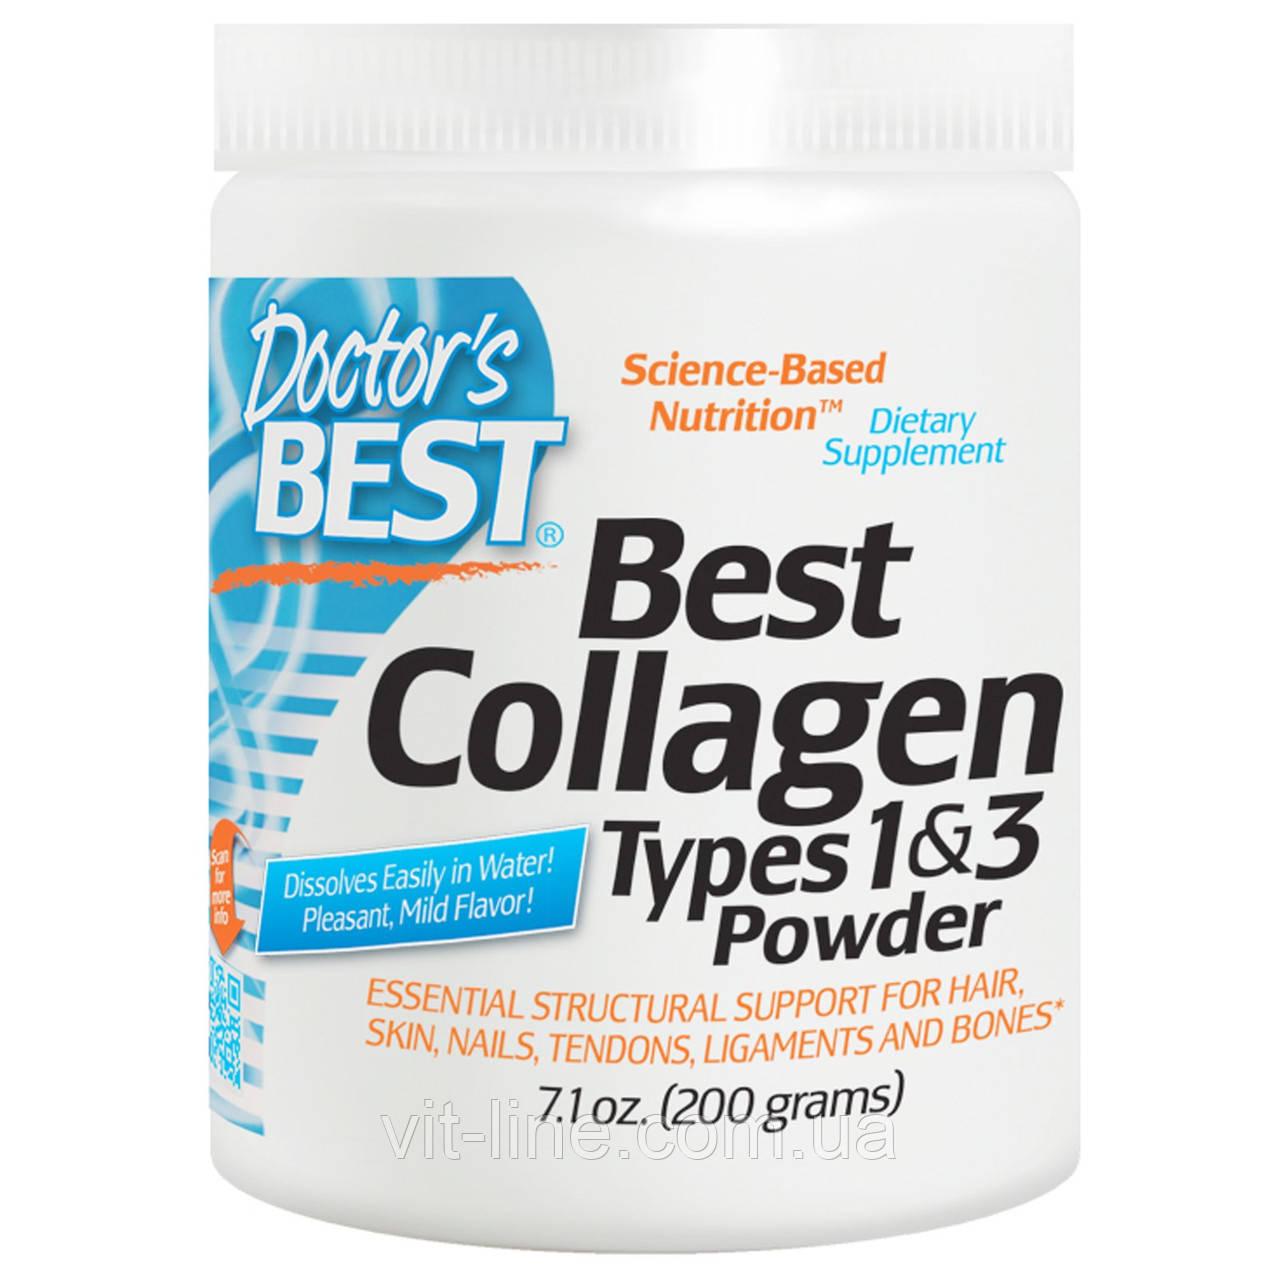 Колаген 1 і 3 тип від Doctor's s Best (порошок 200г)